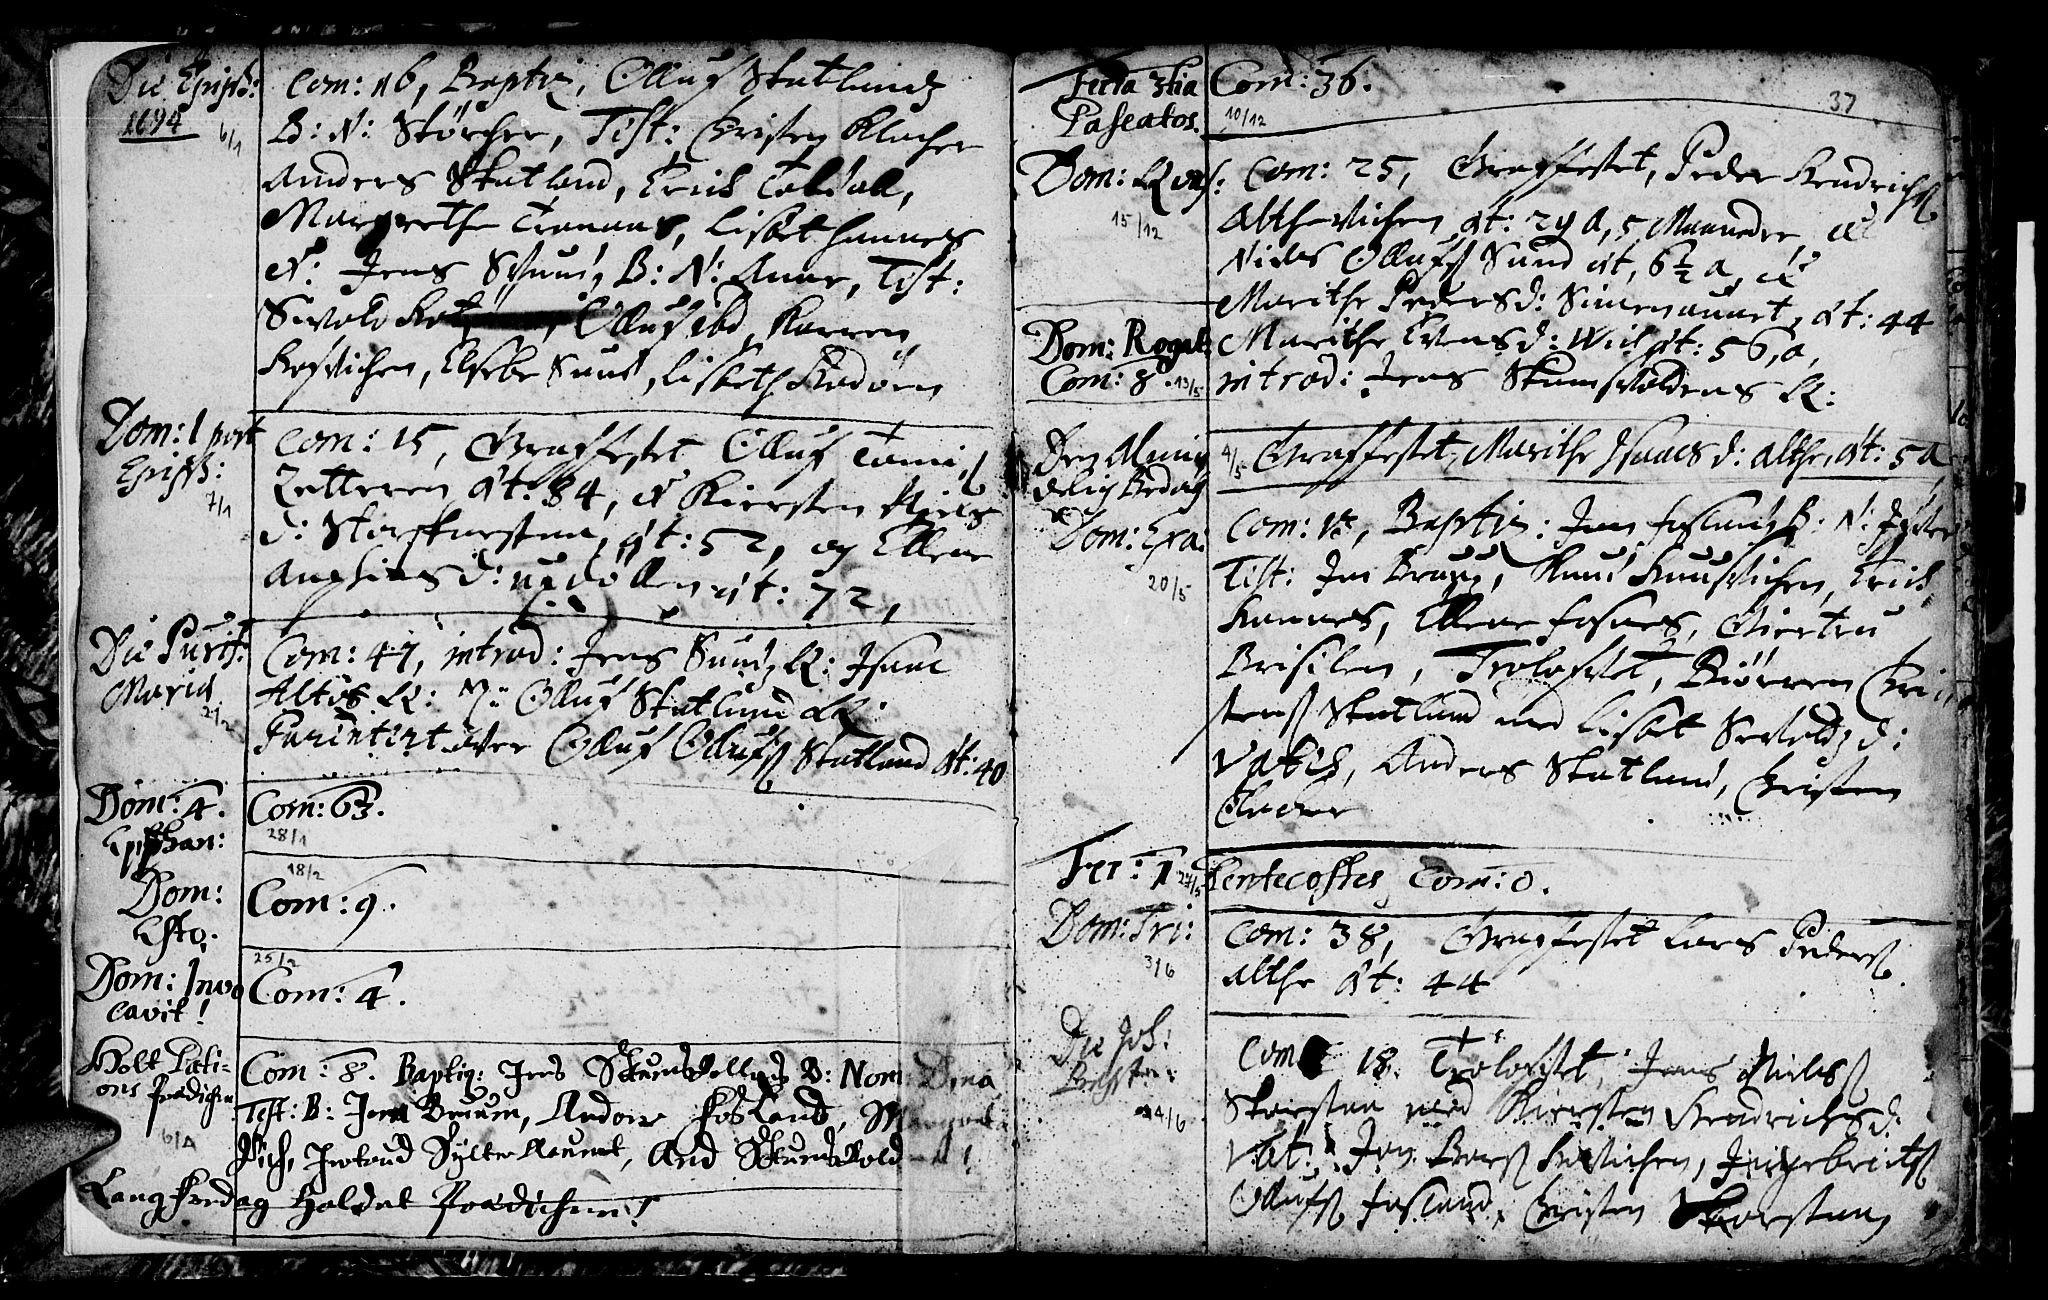 SAT, Ministerialprotokoller, klokkerbøker og fødselsregistre - Nord-Trøndelag, 774/L0627: Ministerialbok nr. 774A01, 1693-1738, s. 36-37